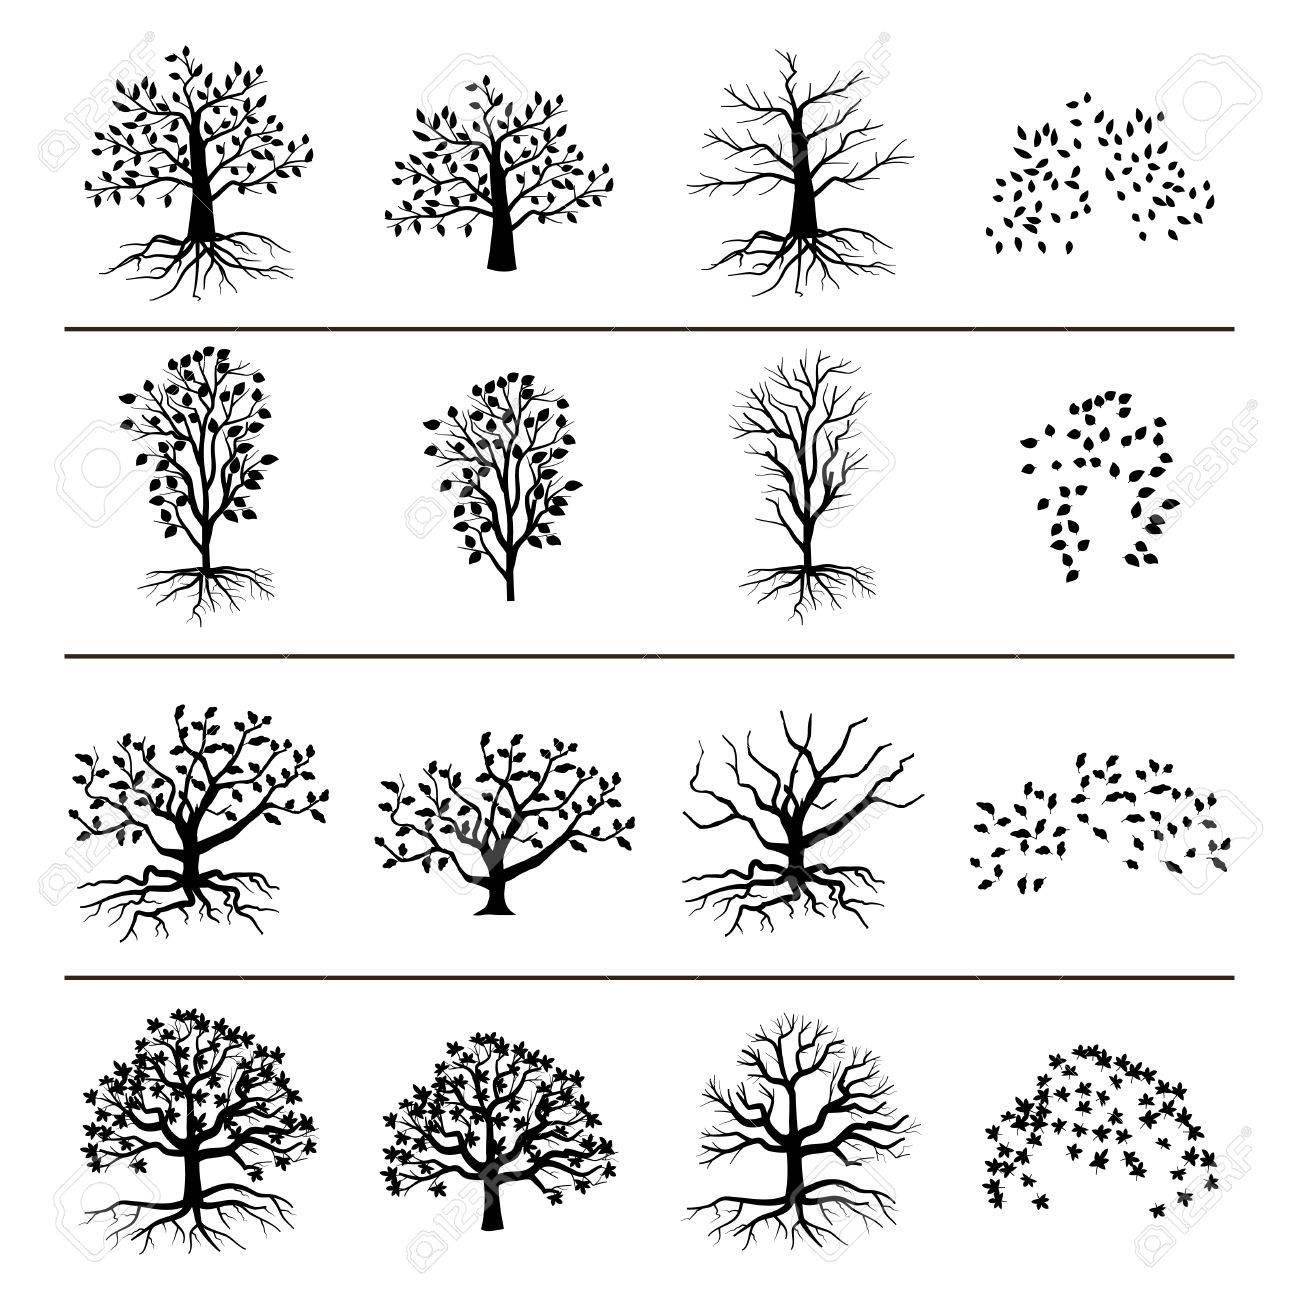 根葉落ち葉は白い背景で隔離のベクトルの木ツリーと葉モノクロ